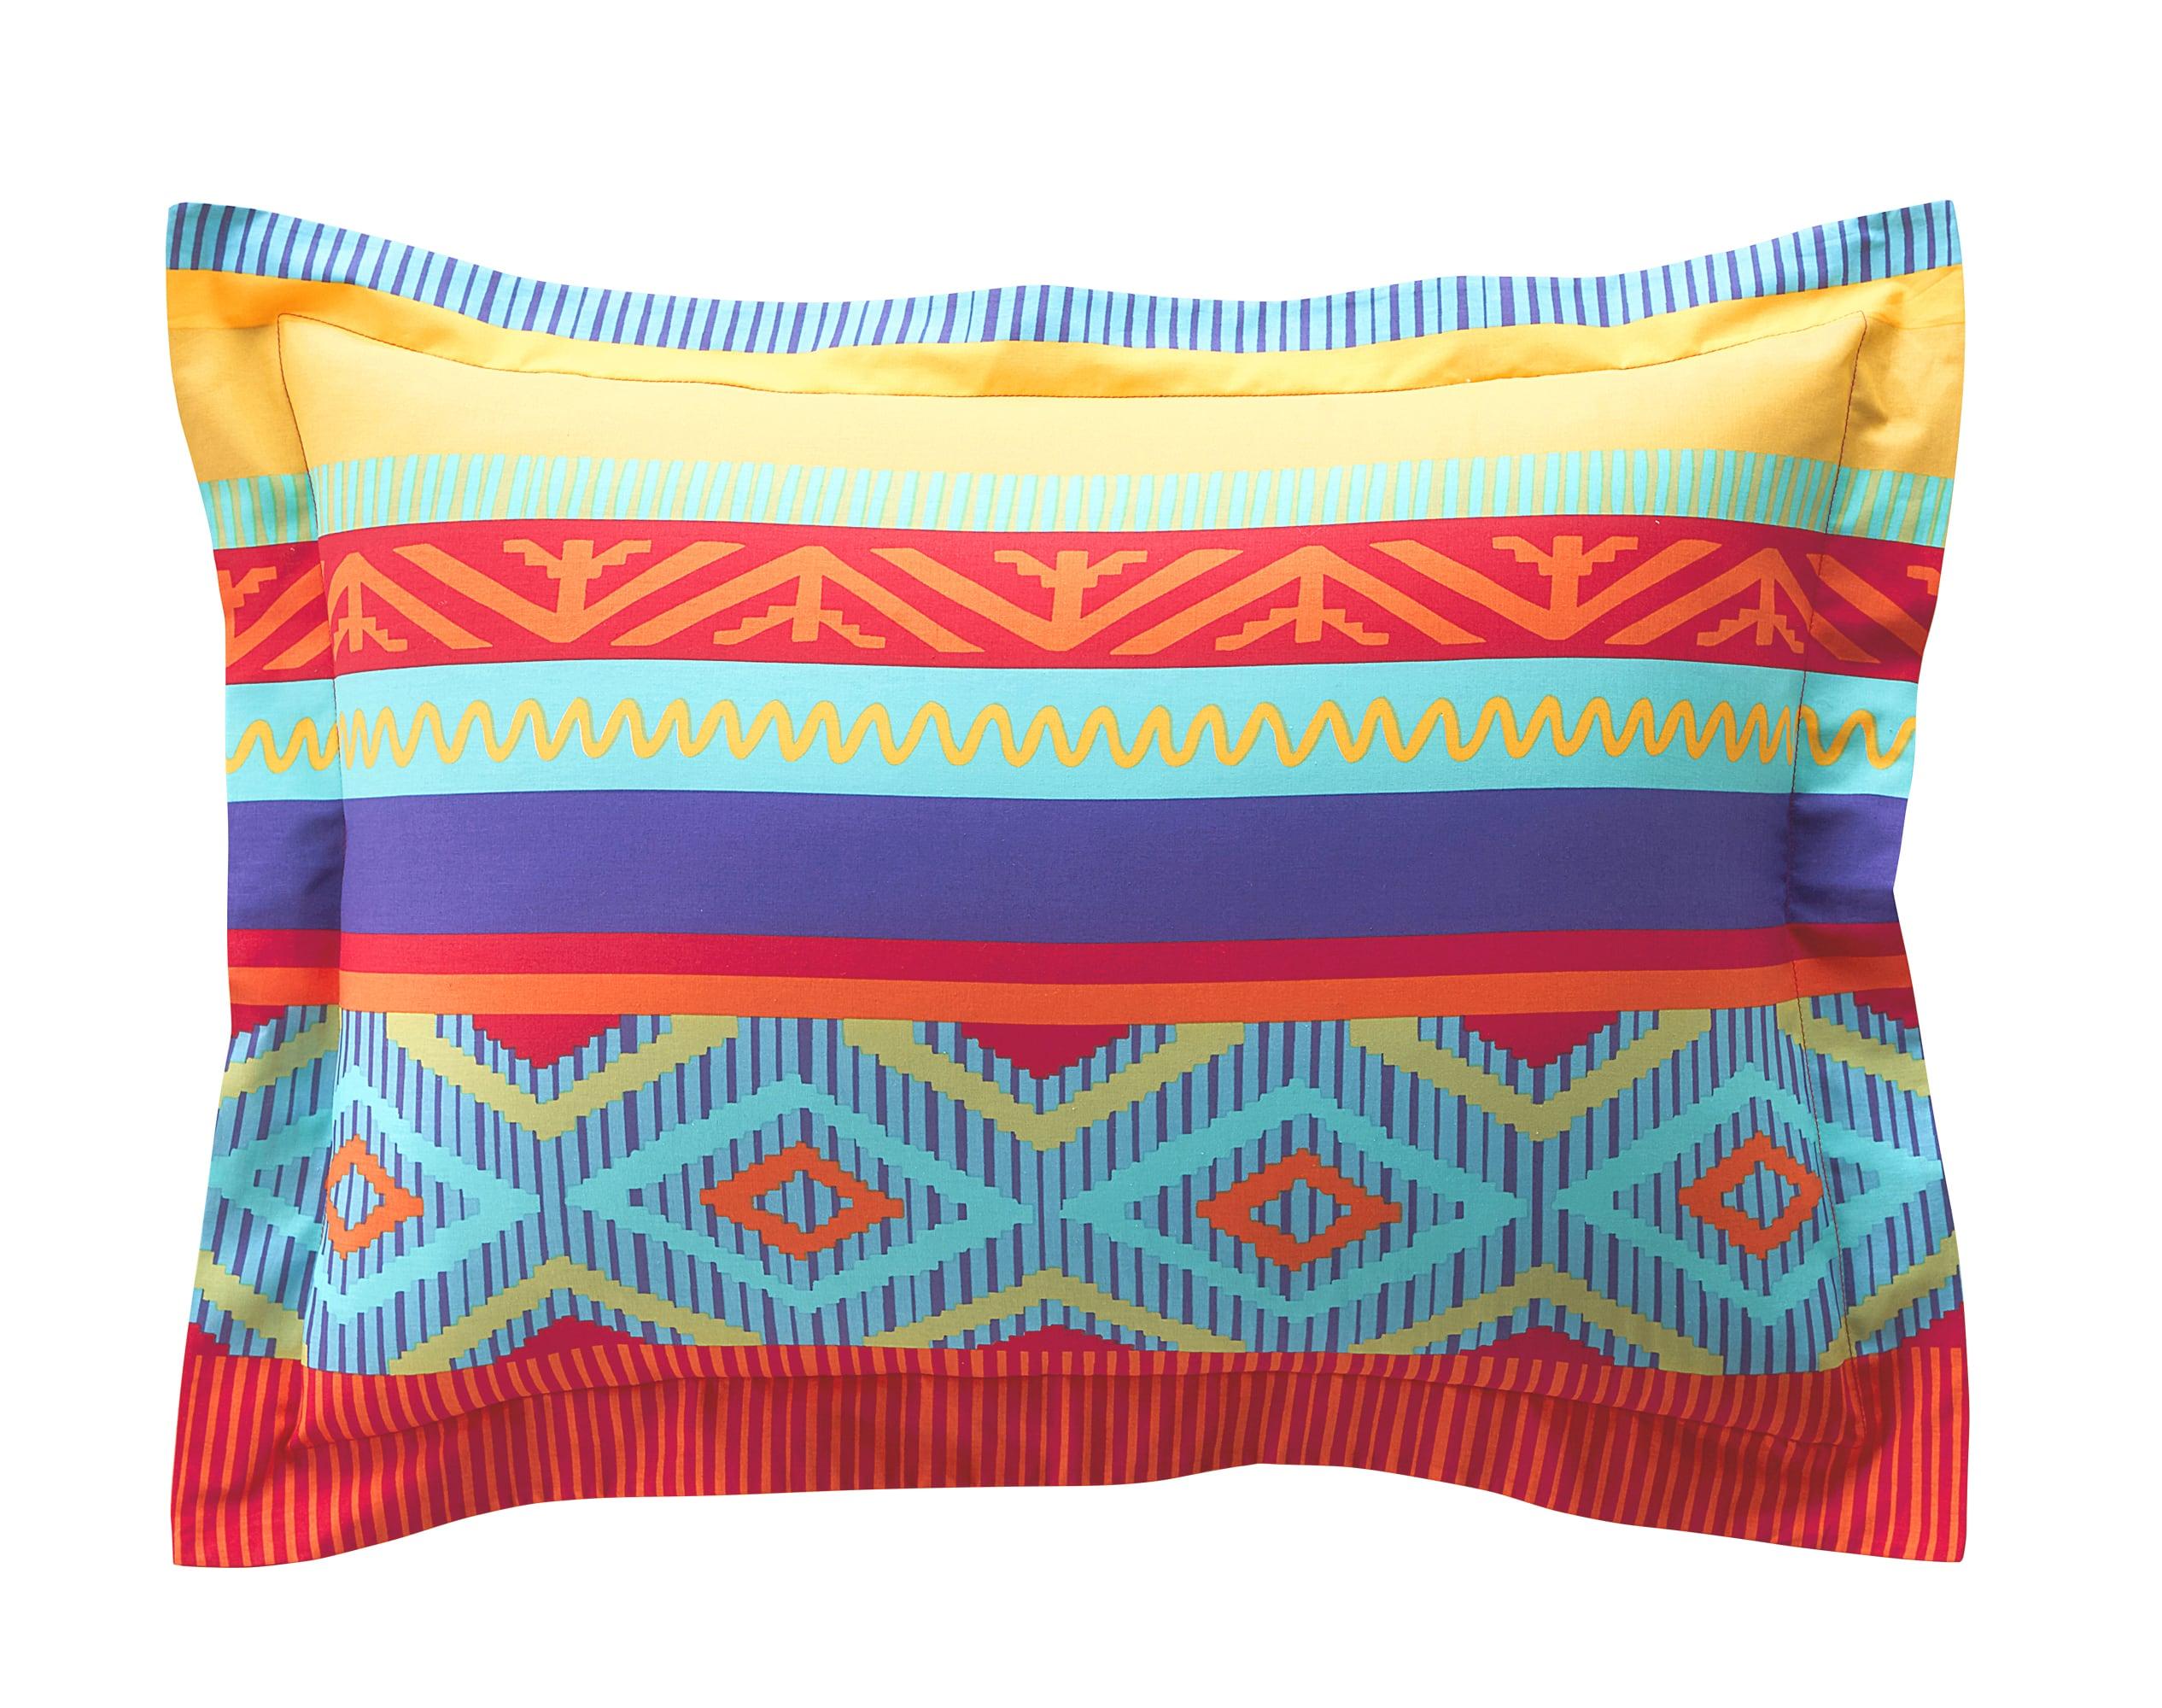 Taie d'oreiller rectangulaire en coton multicolore